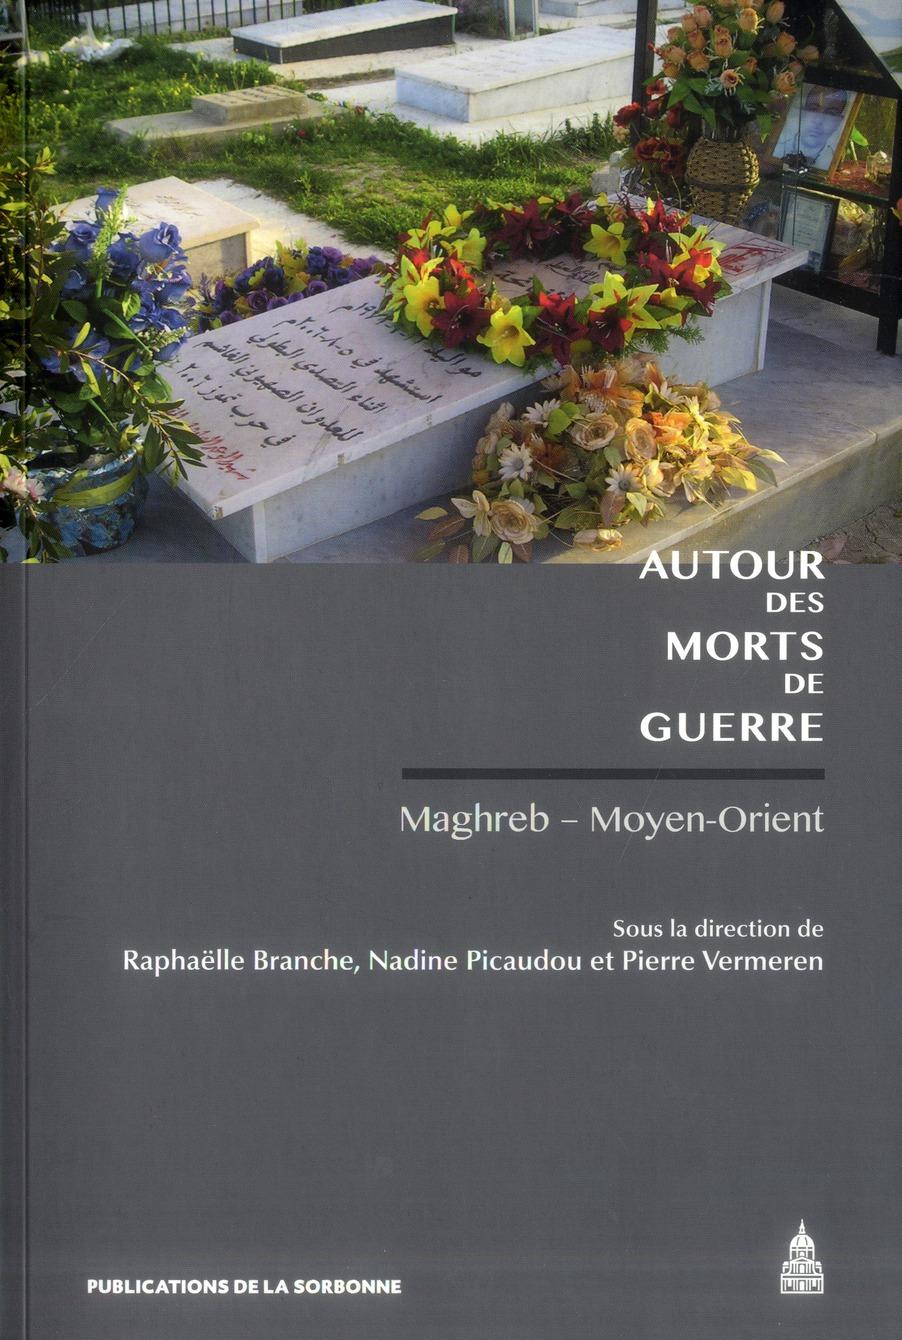 Autour des morts de guerre maghreb-moyen-orient